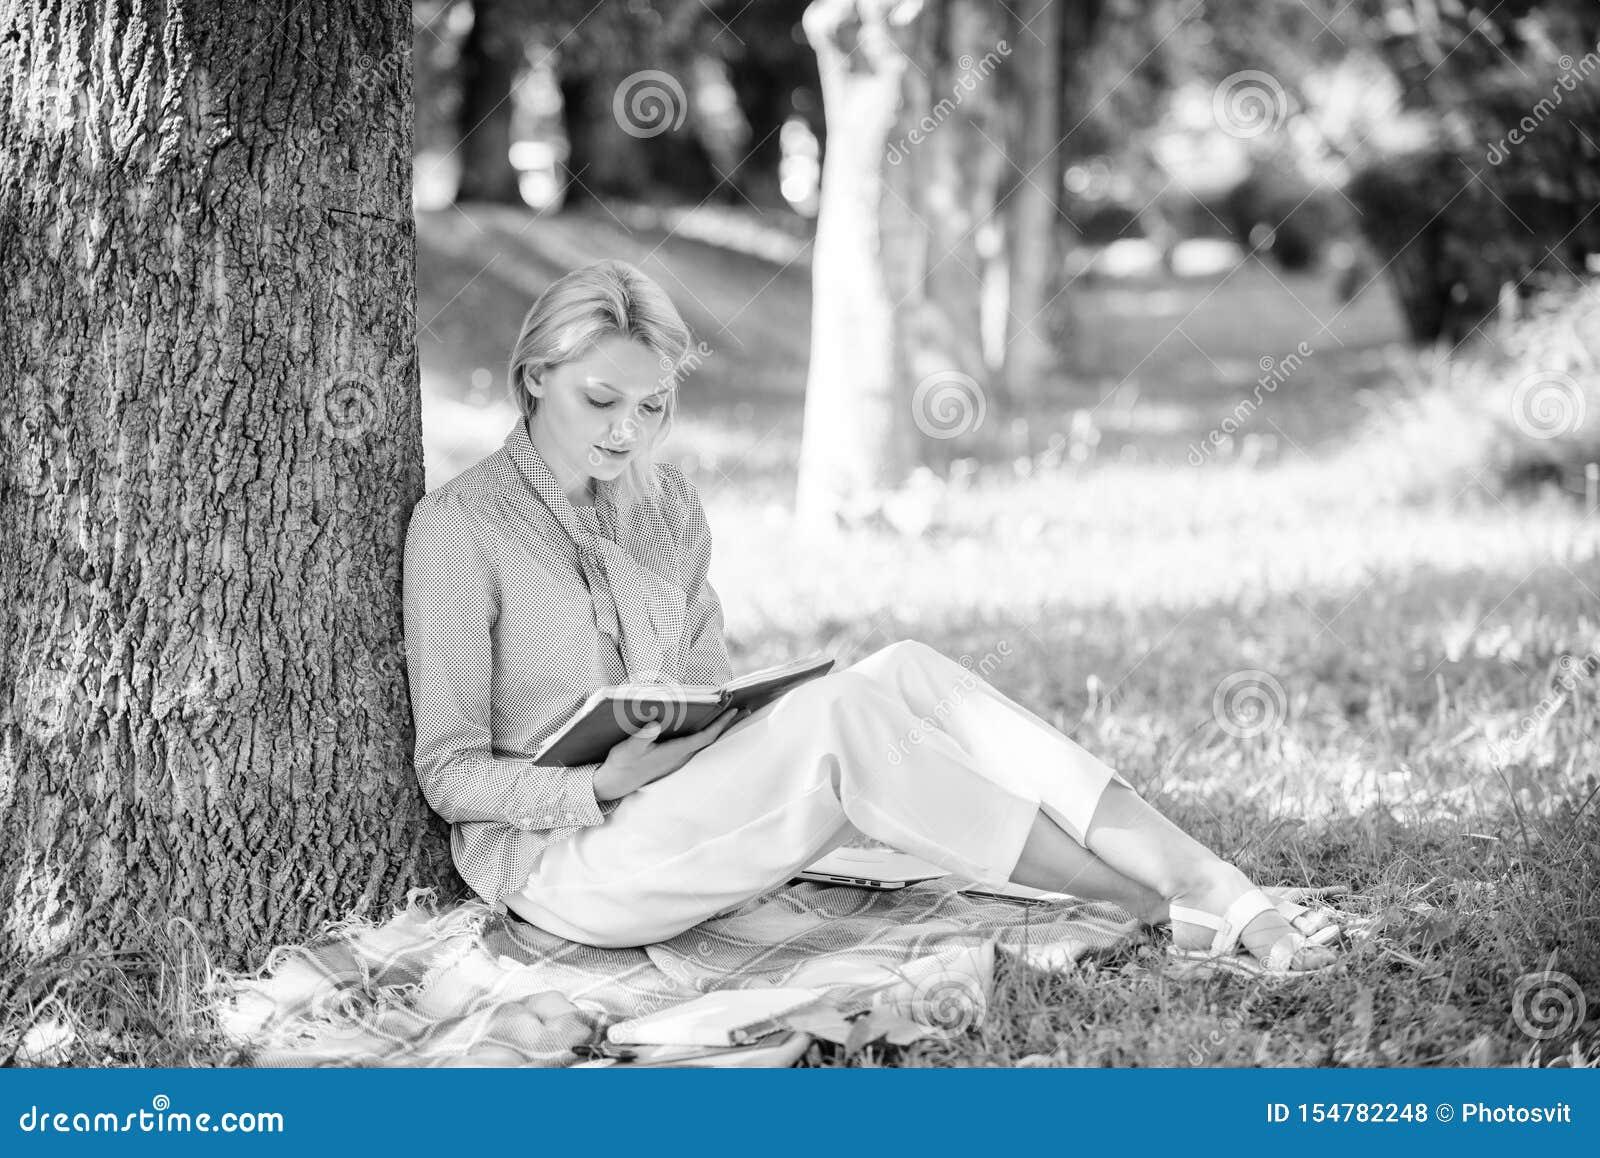 Книги каждая девушка должна прочитать Ослабьте отдых концепция хобби Самые лучшие книги самопомощи для женщин Сконцентрированная